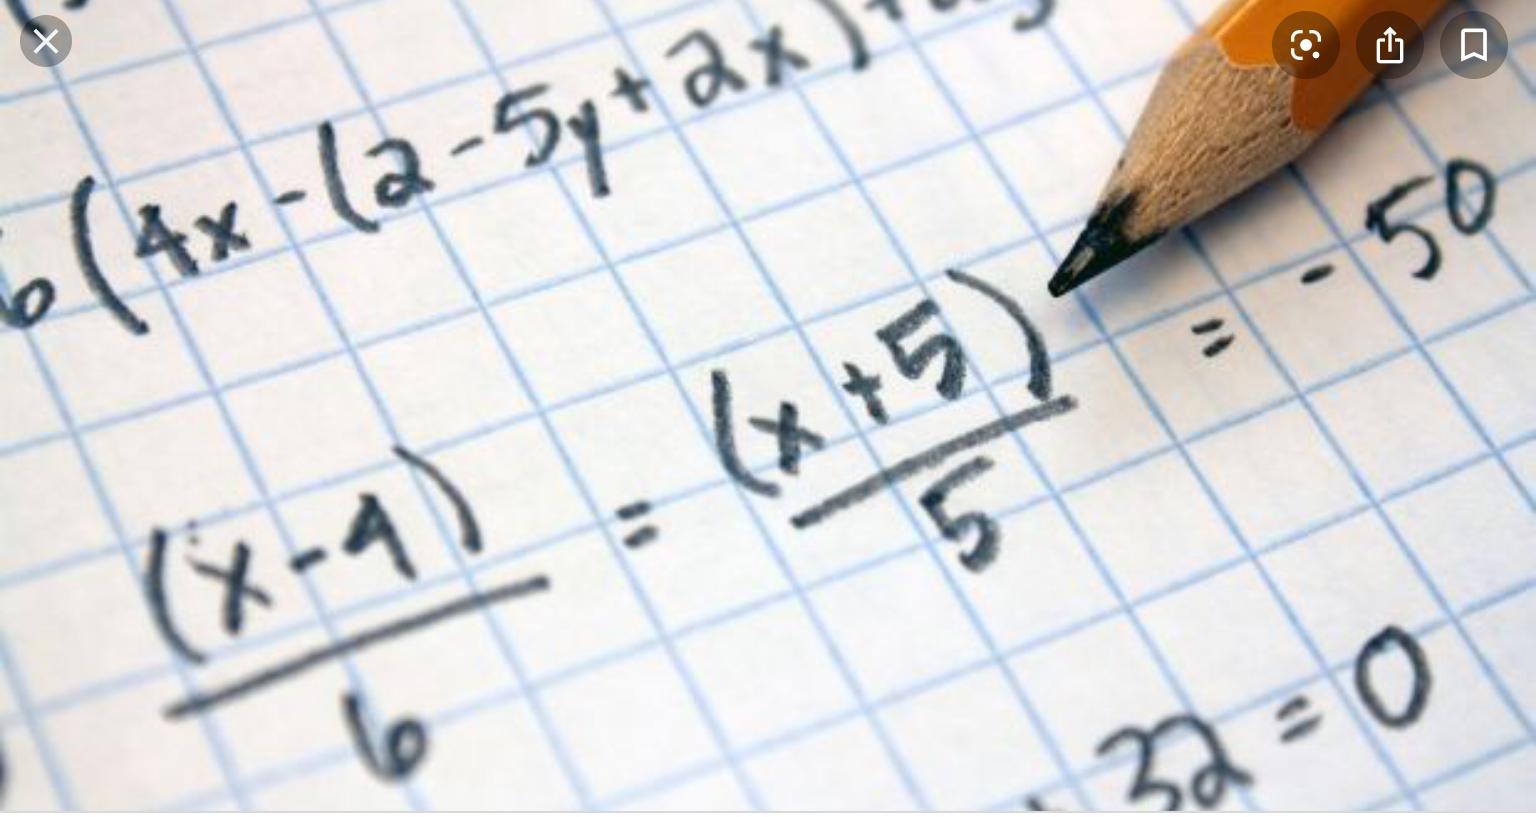 Maths grinds